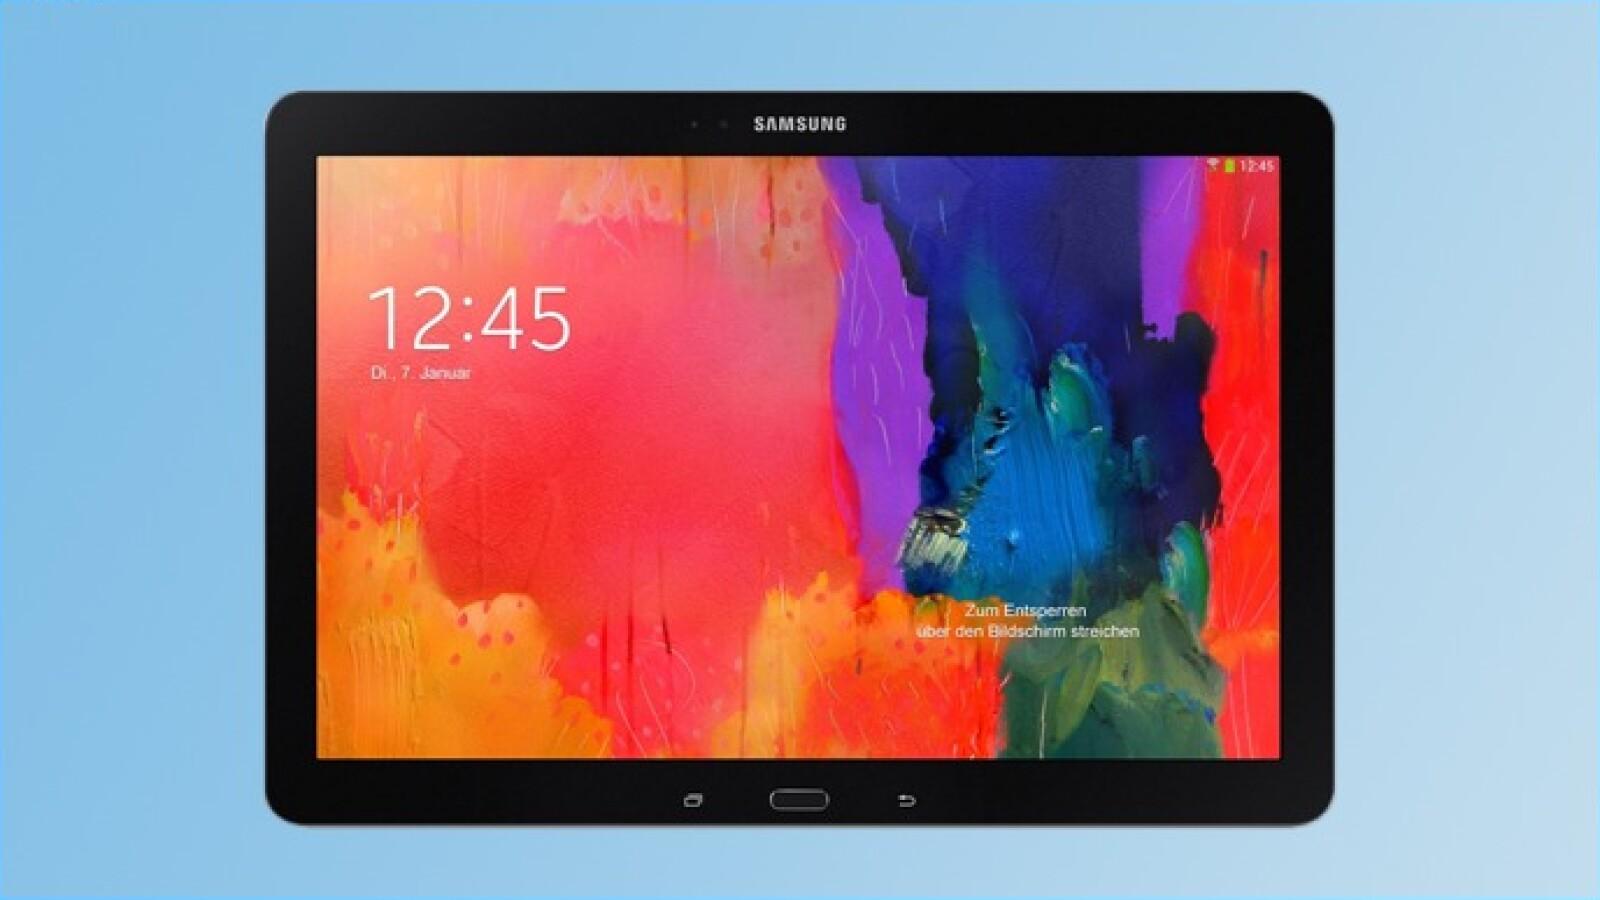 Samsung Galaxy Note Pro 122 P905 Im Test Das Din A4 Tablet Sweater Typisch Original Netzwelt